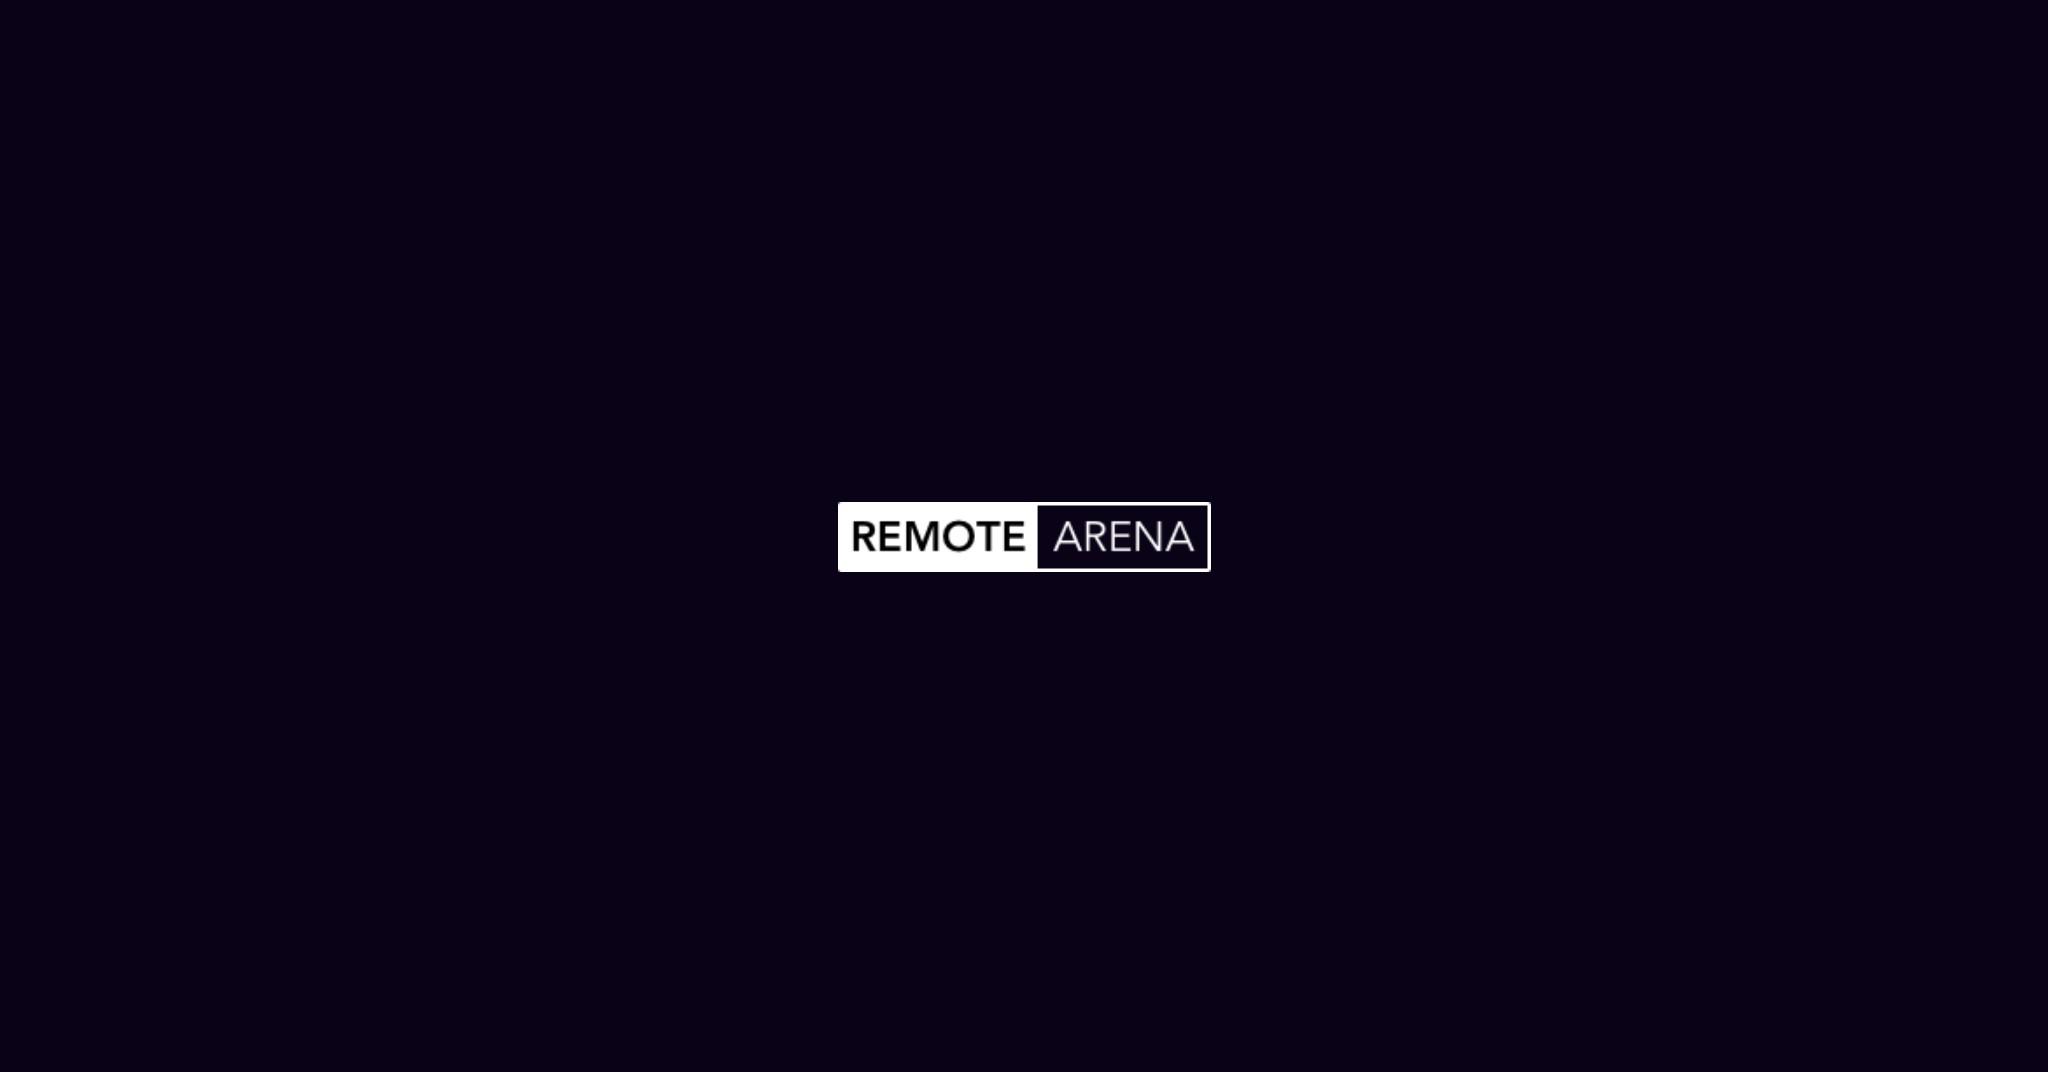 Remote Arena